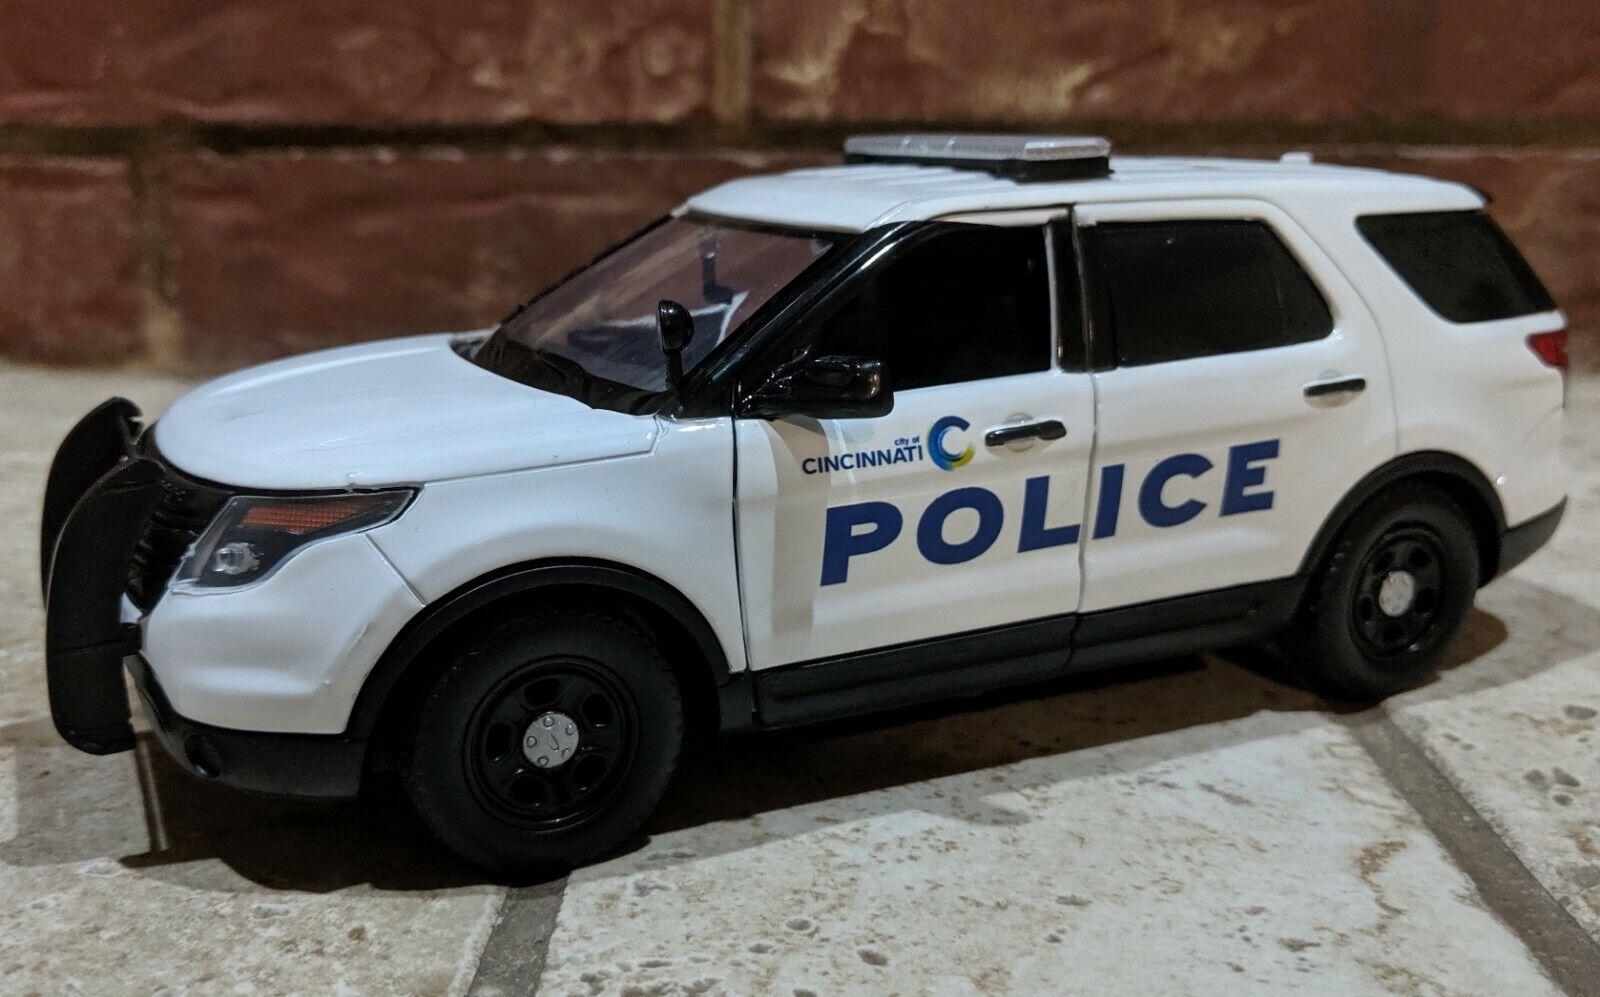 Todos los productos obtienen hasta un 34% de descuento. Cincinnati OH policía Personalizado 1 24 24 24 Escala Motormax utilidad de policía Ford Interceptor  venta